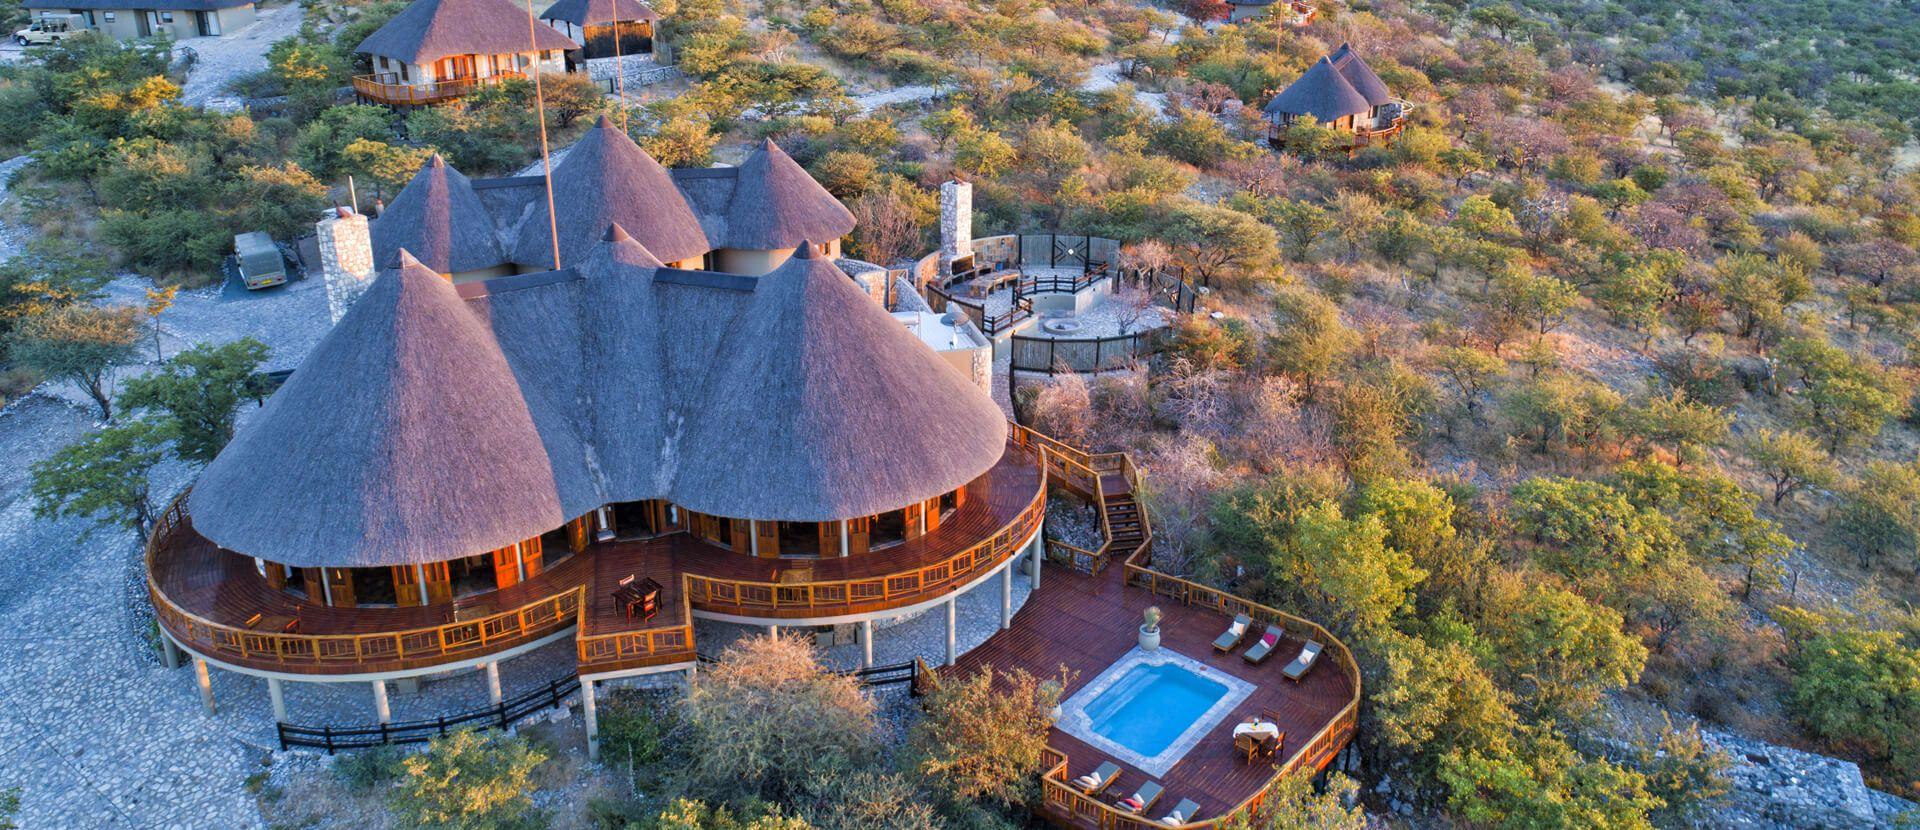 Etosha Mountain Lodge